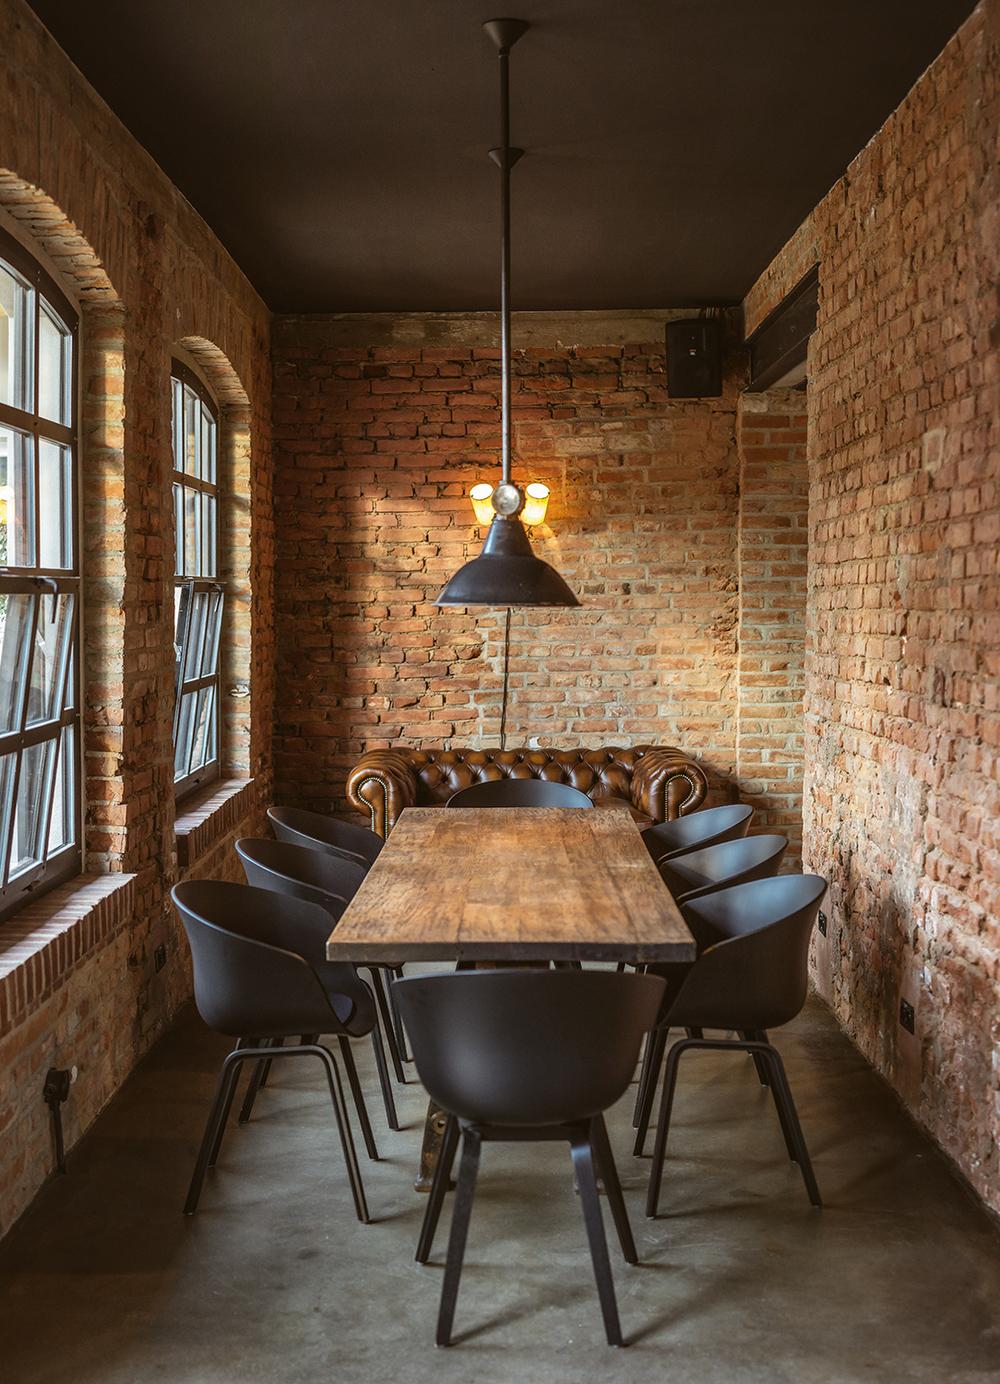 Auch für große Gruppen gibt's reichlich Platz und einen schönen Holztisch